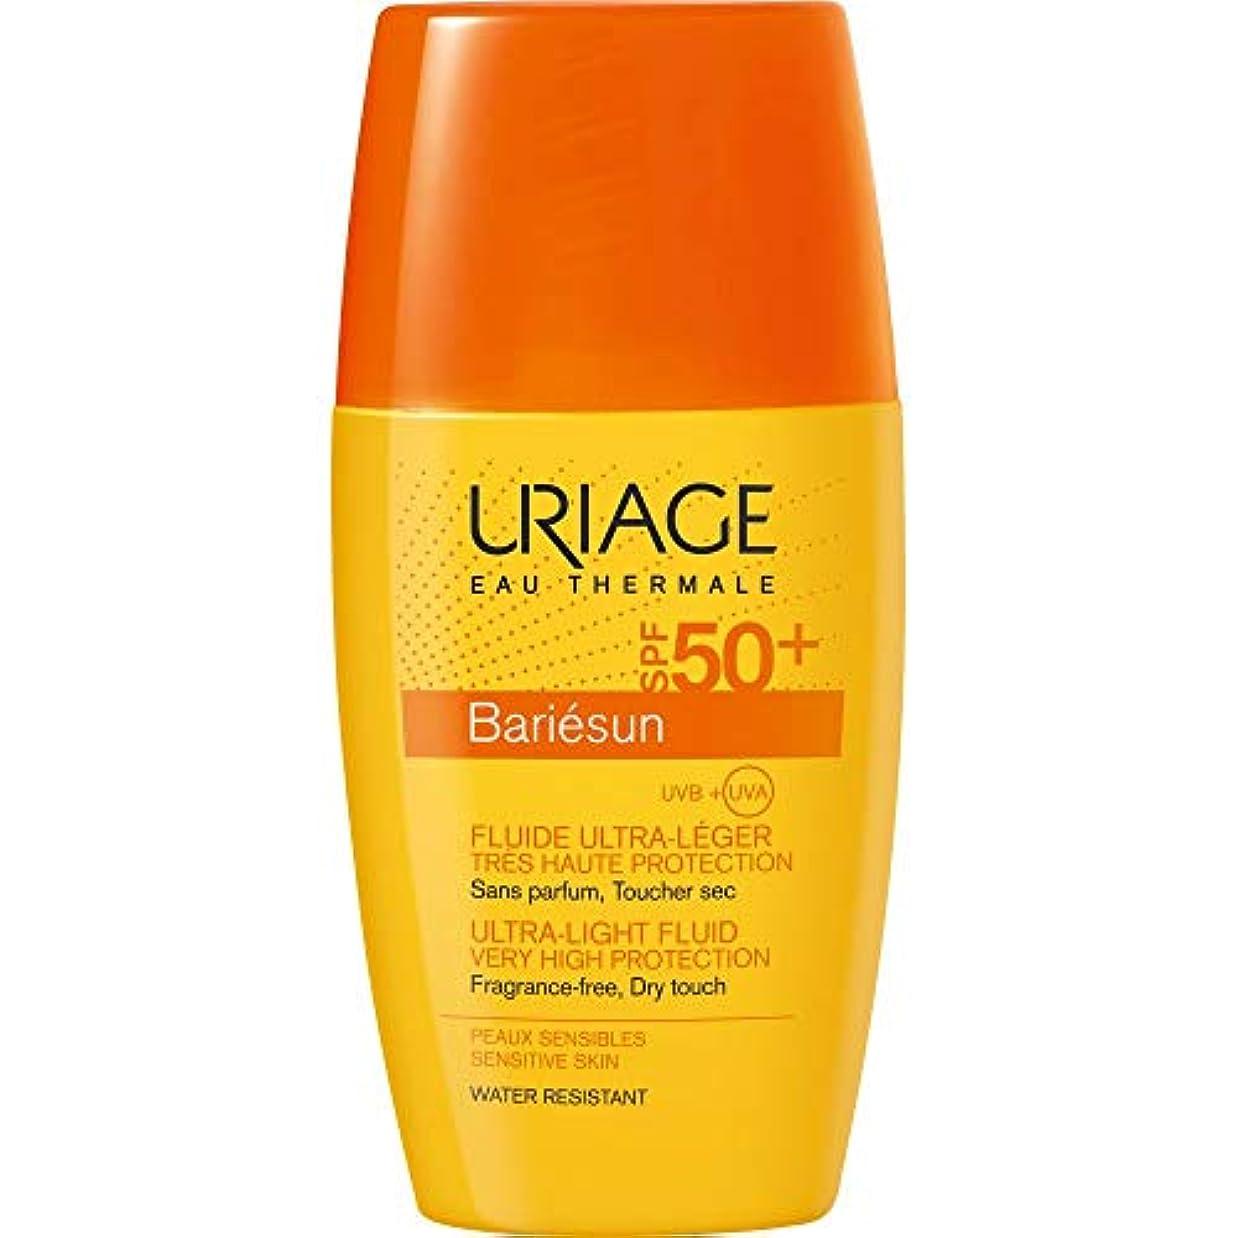 印象的な穴ミネラル[Uriage] Uriage Bariesun超軽量流体Spf50 + 30ミリリットル - Uriage Bariesun Ultra-Light Fluid SPF50+ 30ml [並行輸入品]